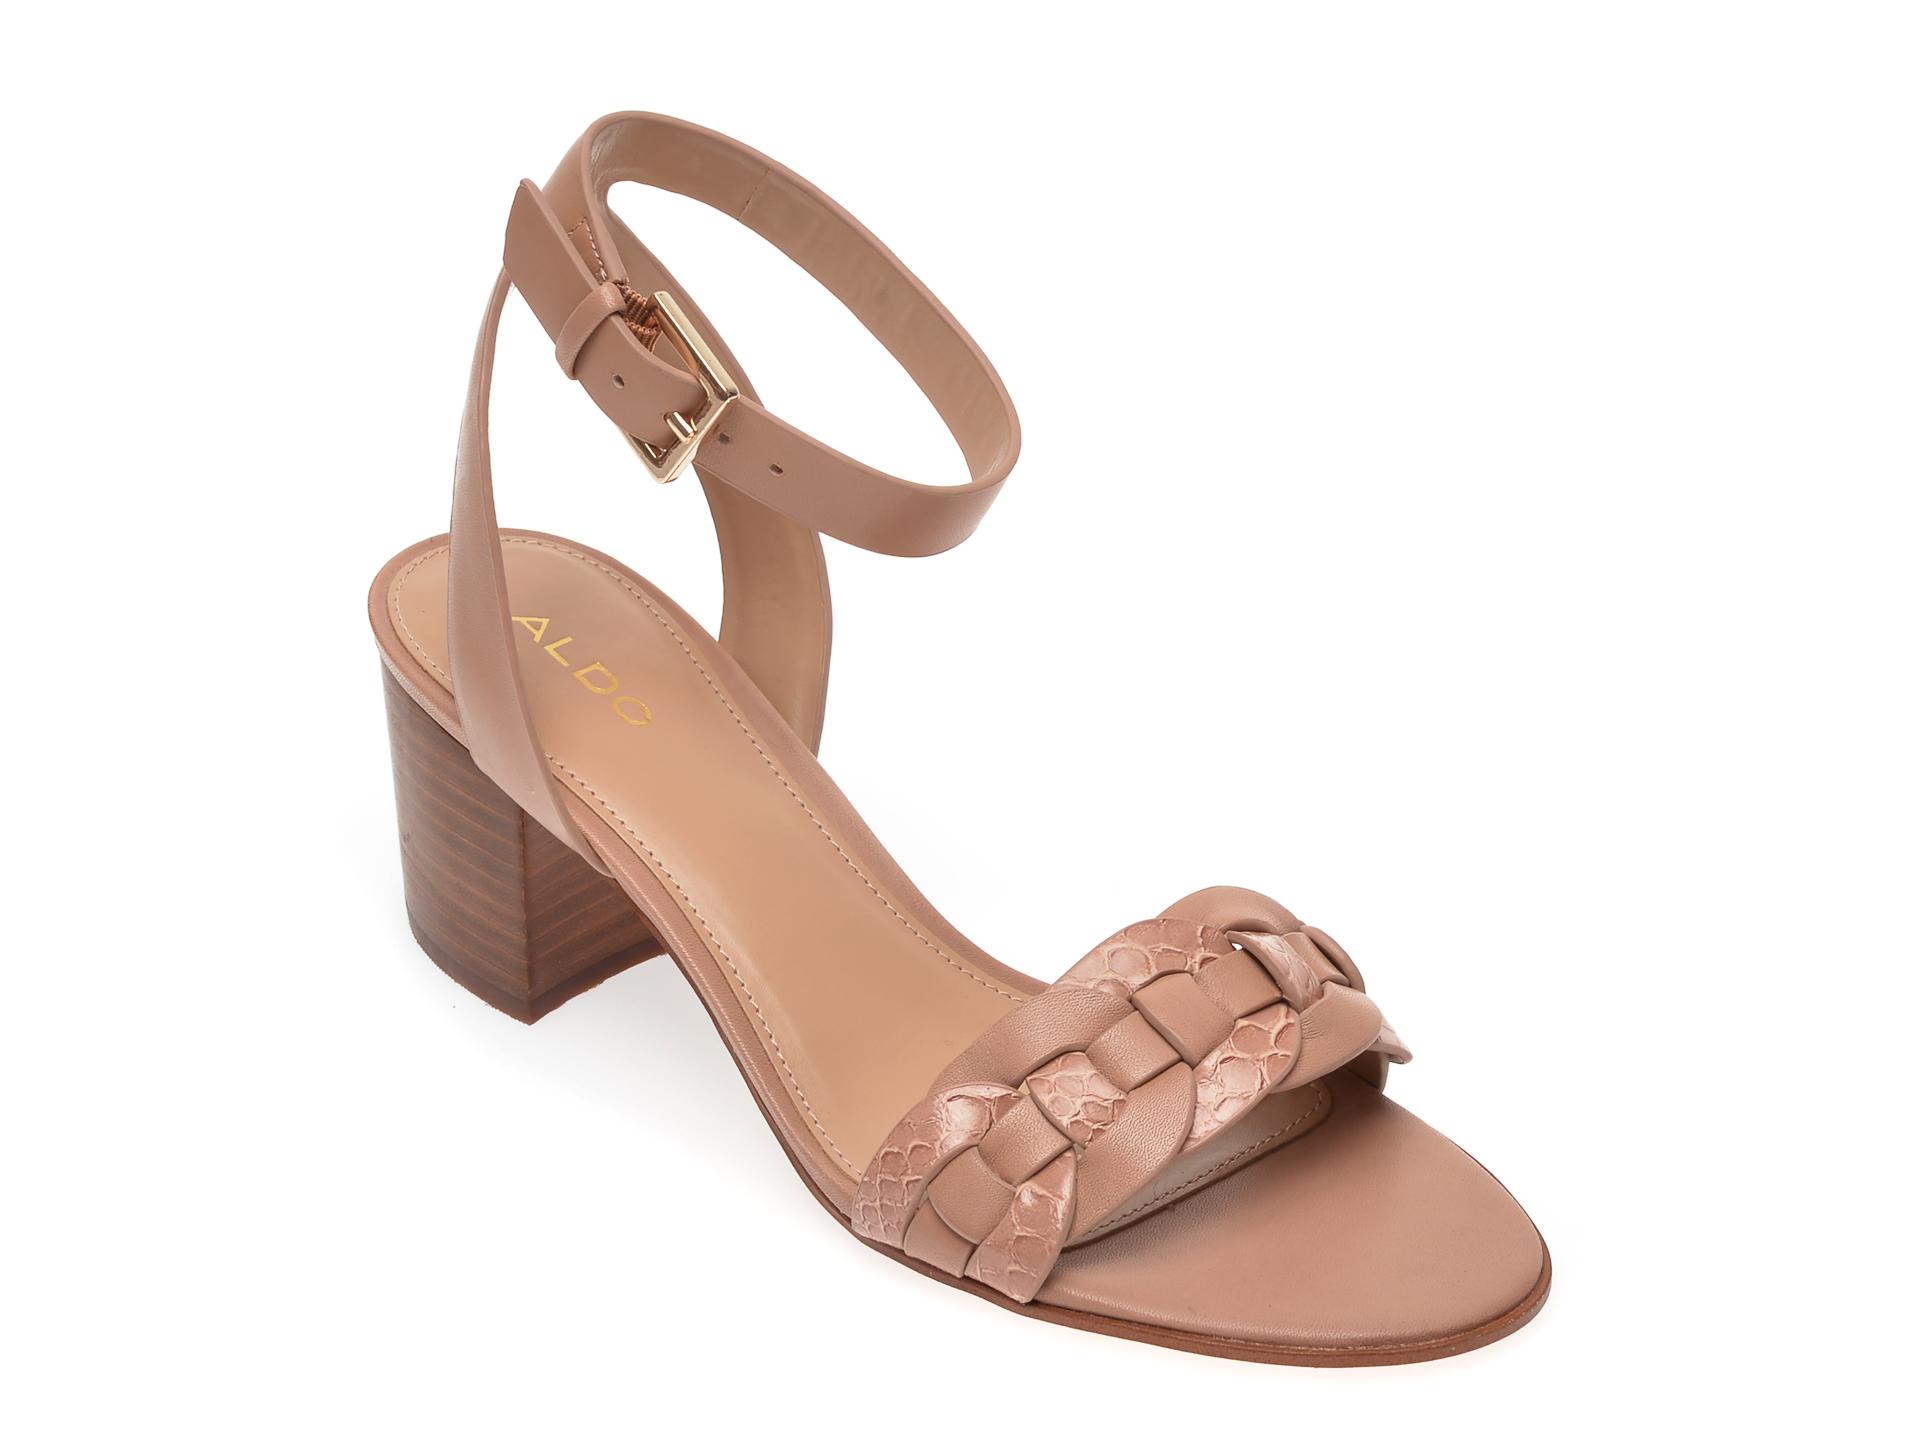 Sandale ALDO nude, Katerina270, din piele ecologica imagine otter.ro 2021